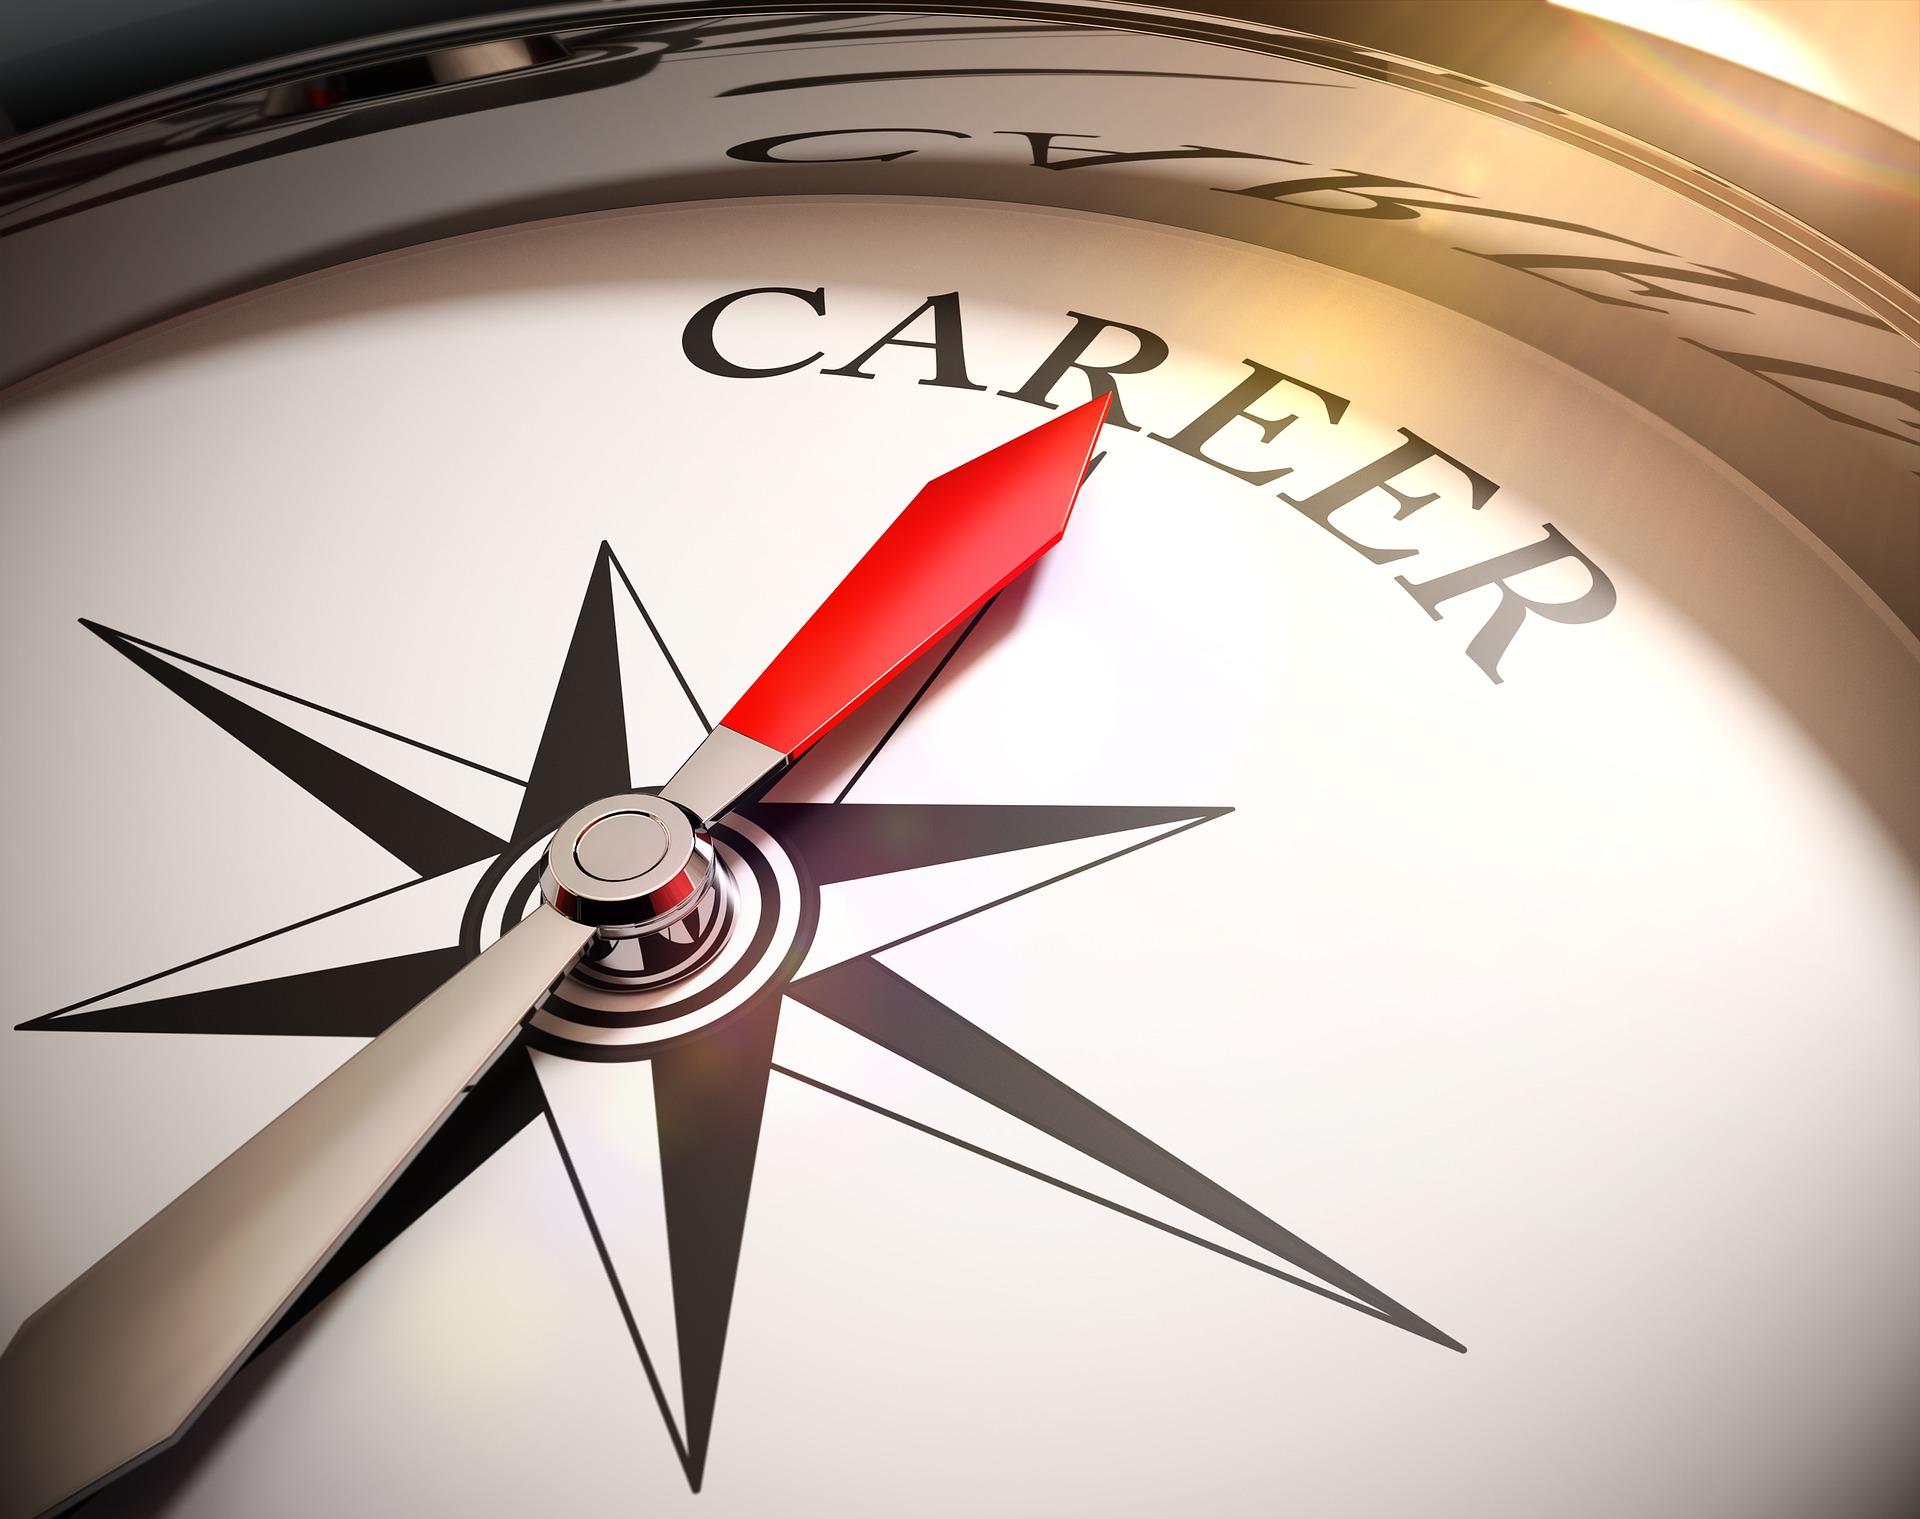 Kompassi, jonka neula osoittaa Career (ura)